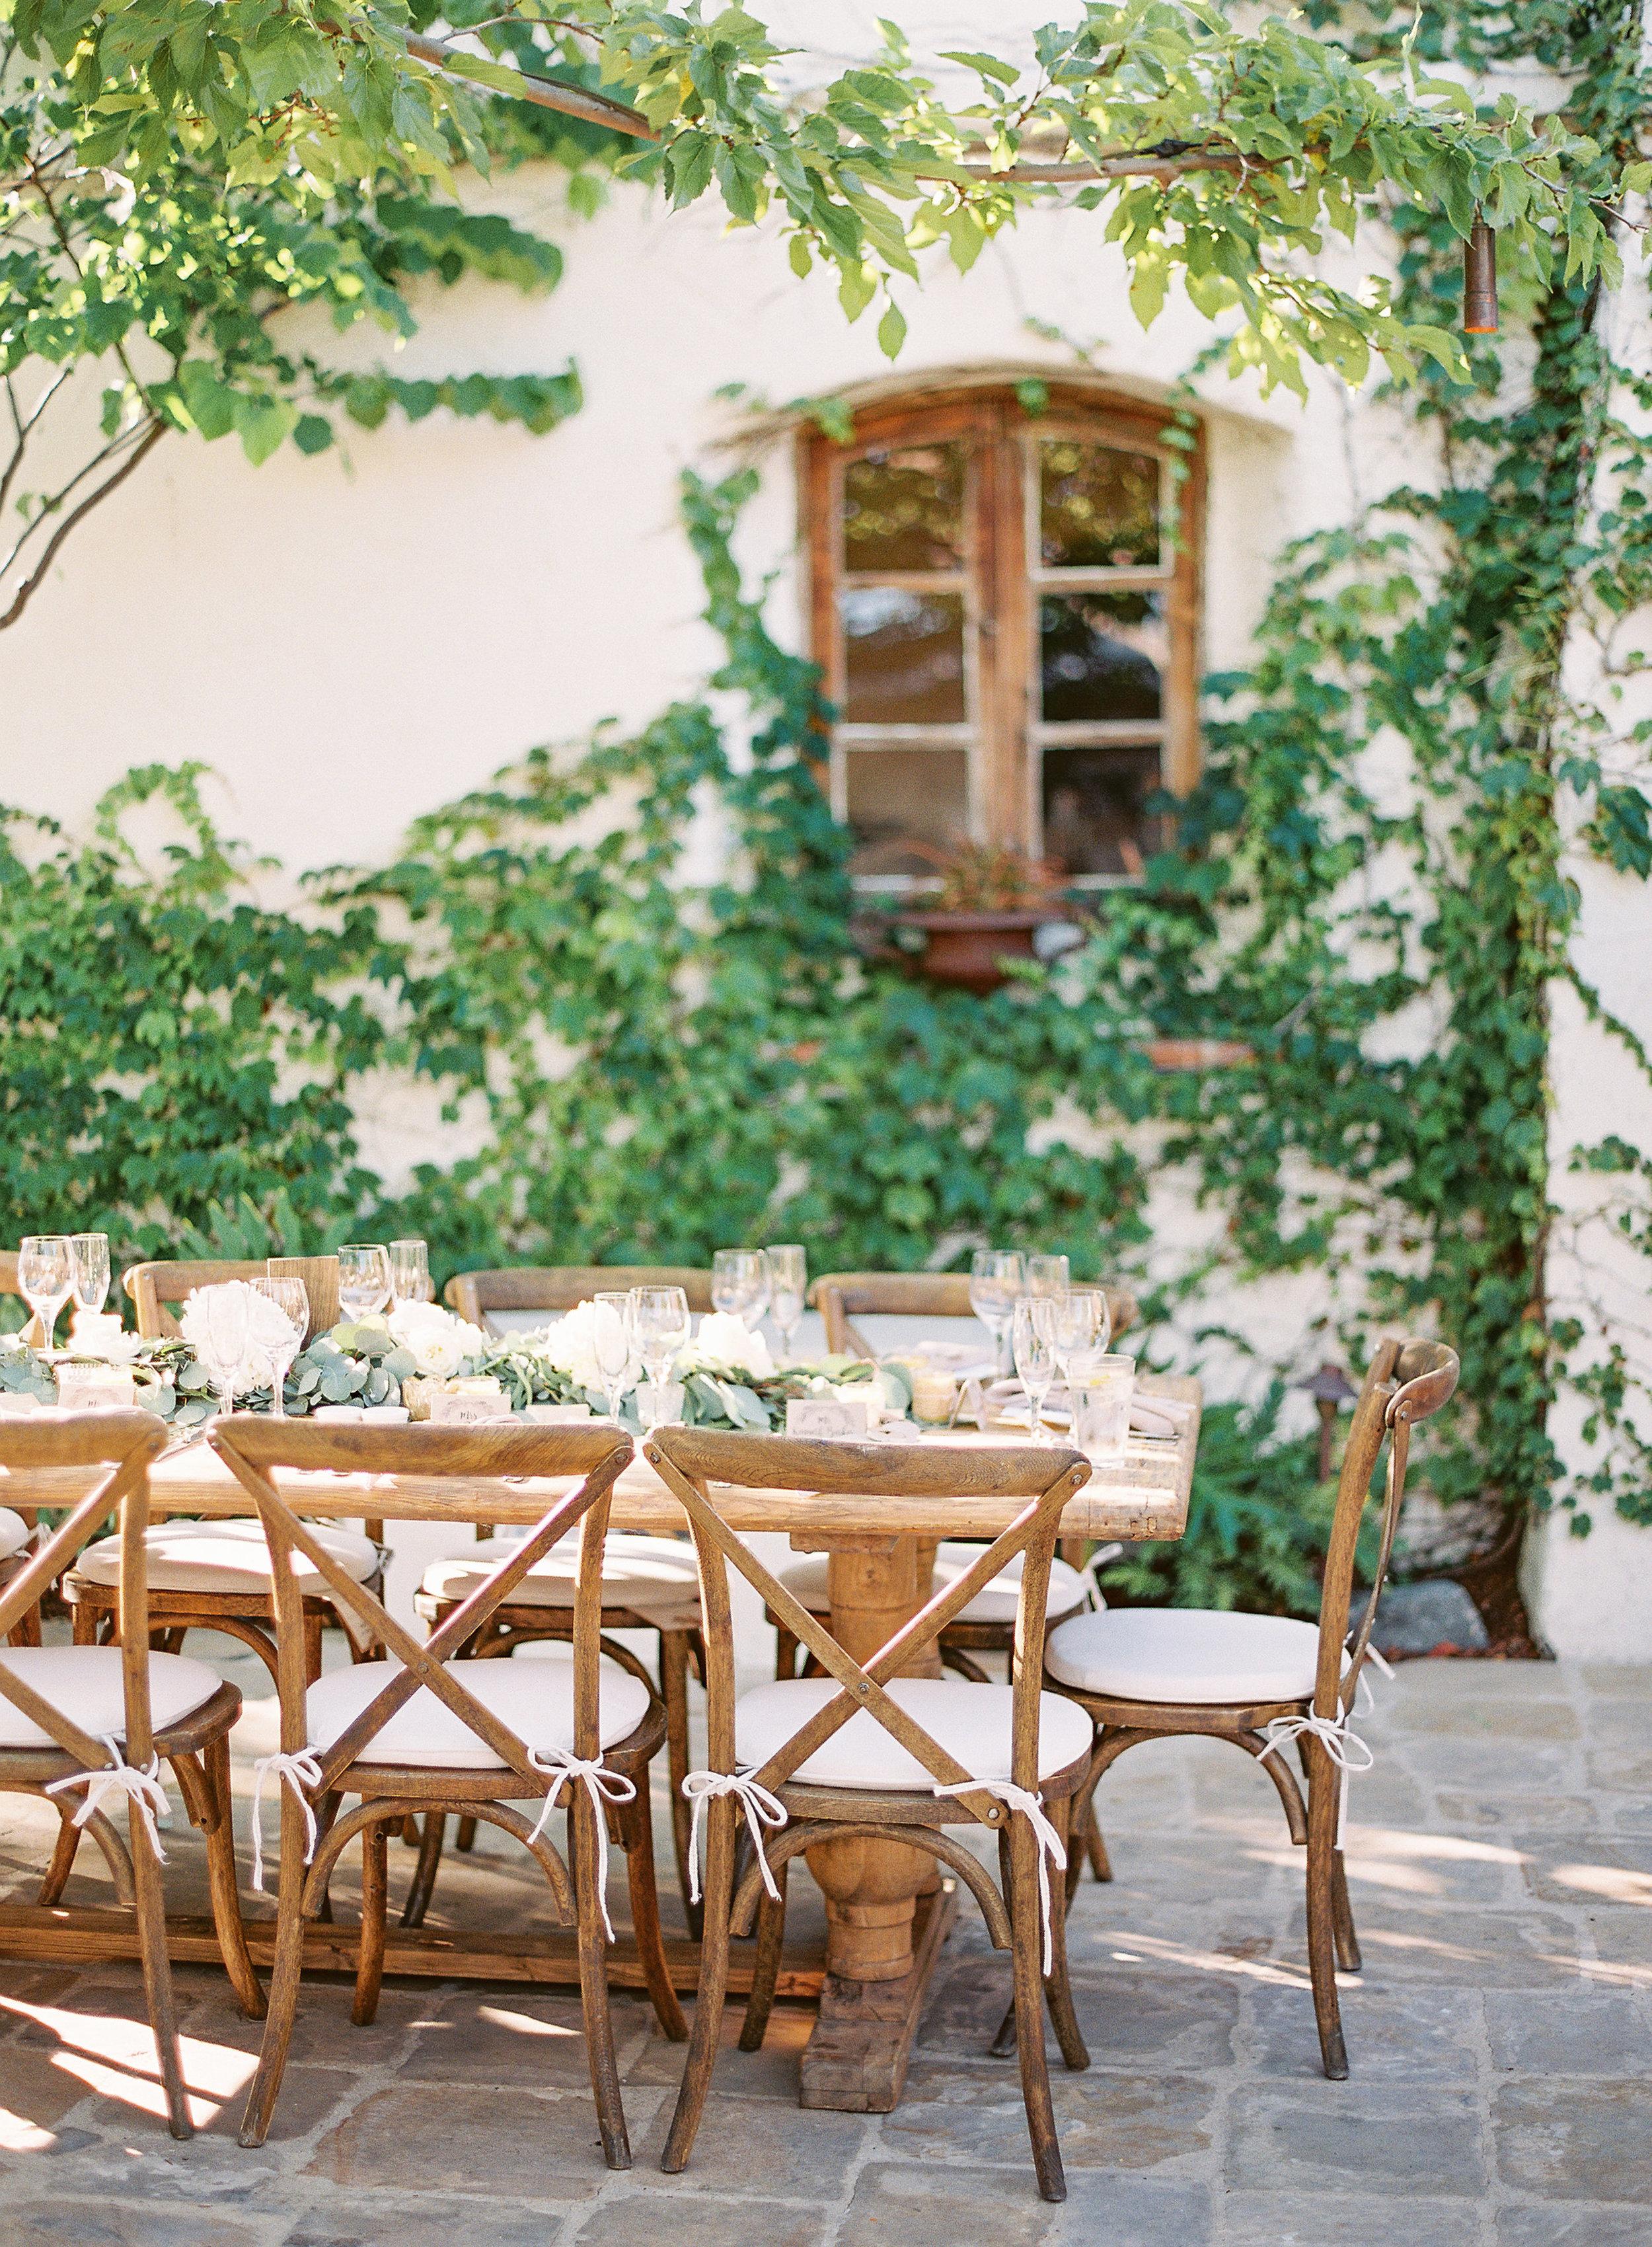 The-Villa-San-Juan-Capistrano-Alison-and-Brian-505.jpg